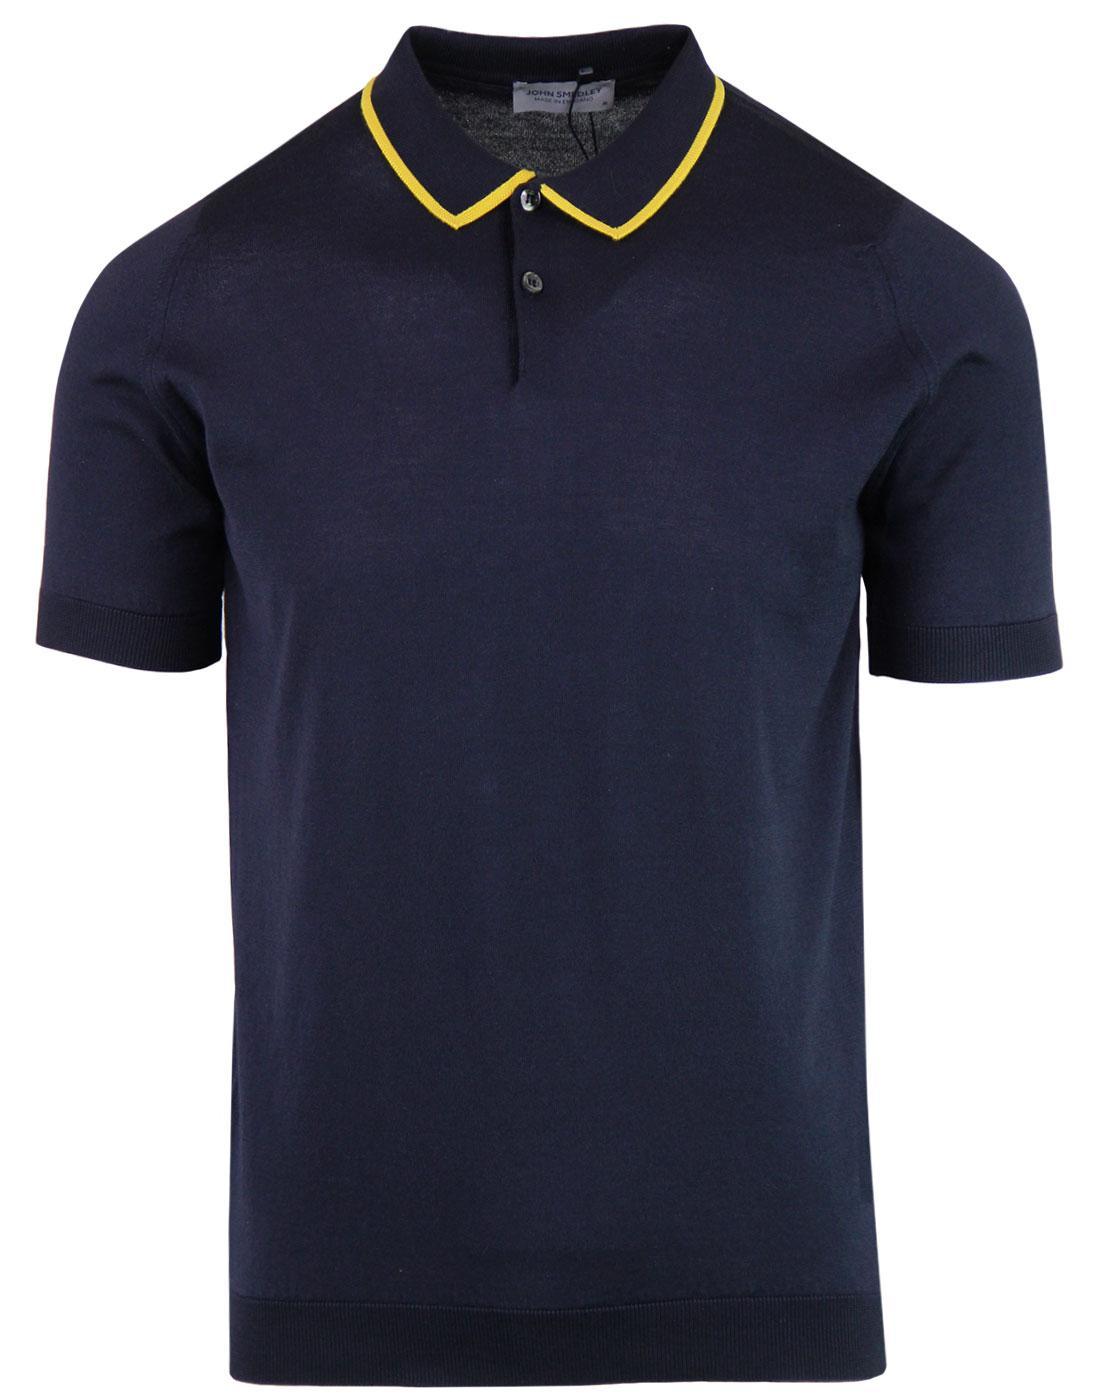 Klerk JOHN SMEDLEY 60s Mod Tipped Knit Polo Top N